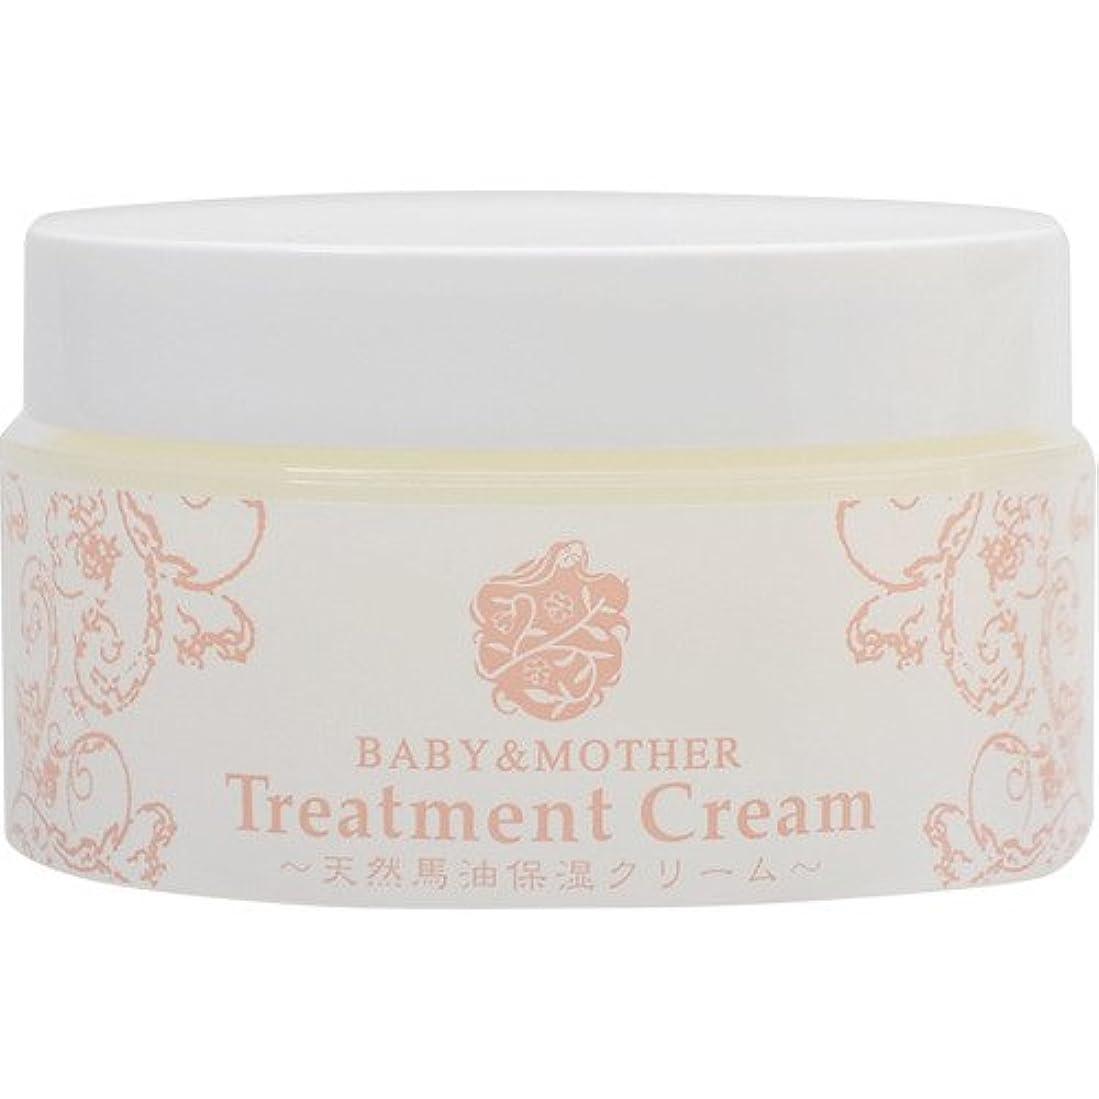 咽頭グレーに応じてBABY&MOTHER Treatment Cream 天然馬油保湿クリーム 80g